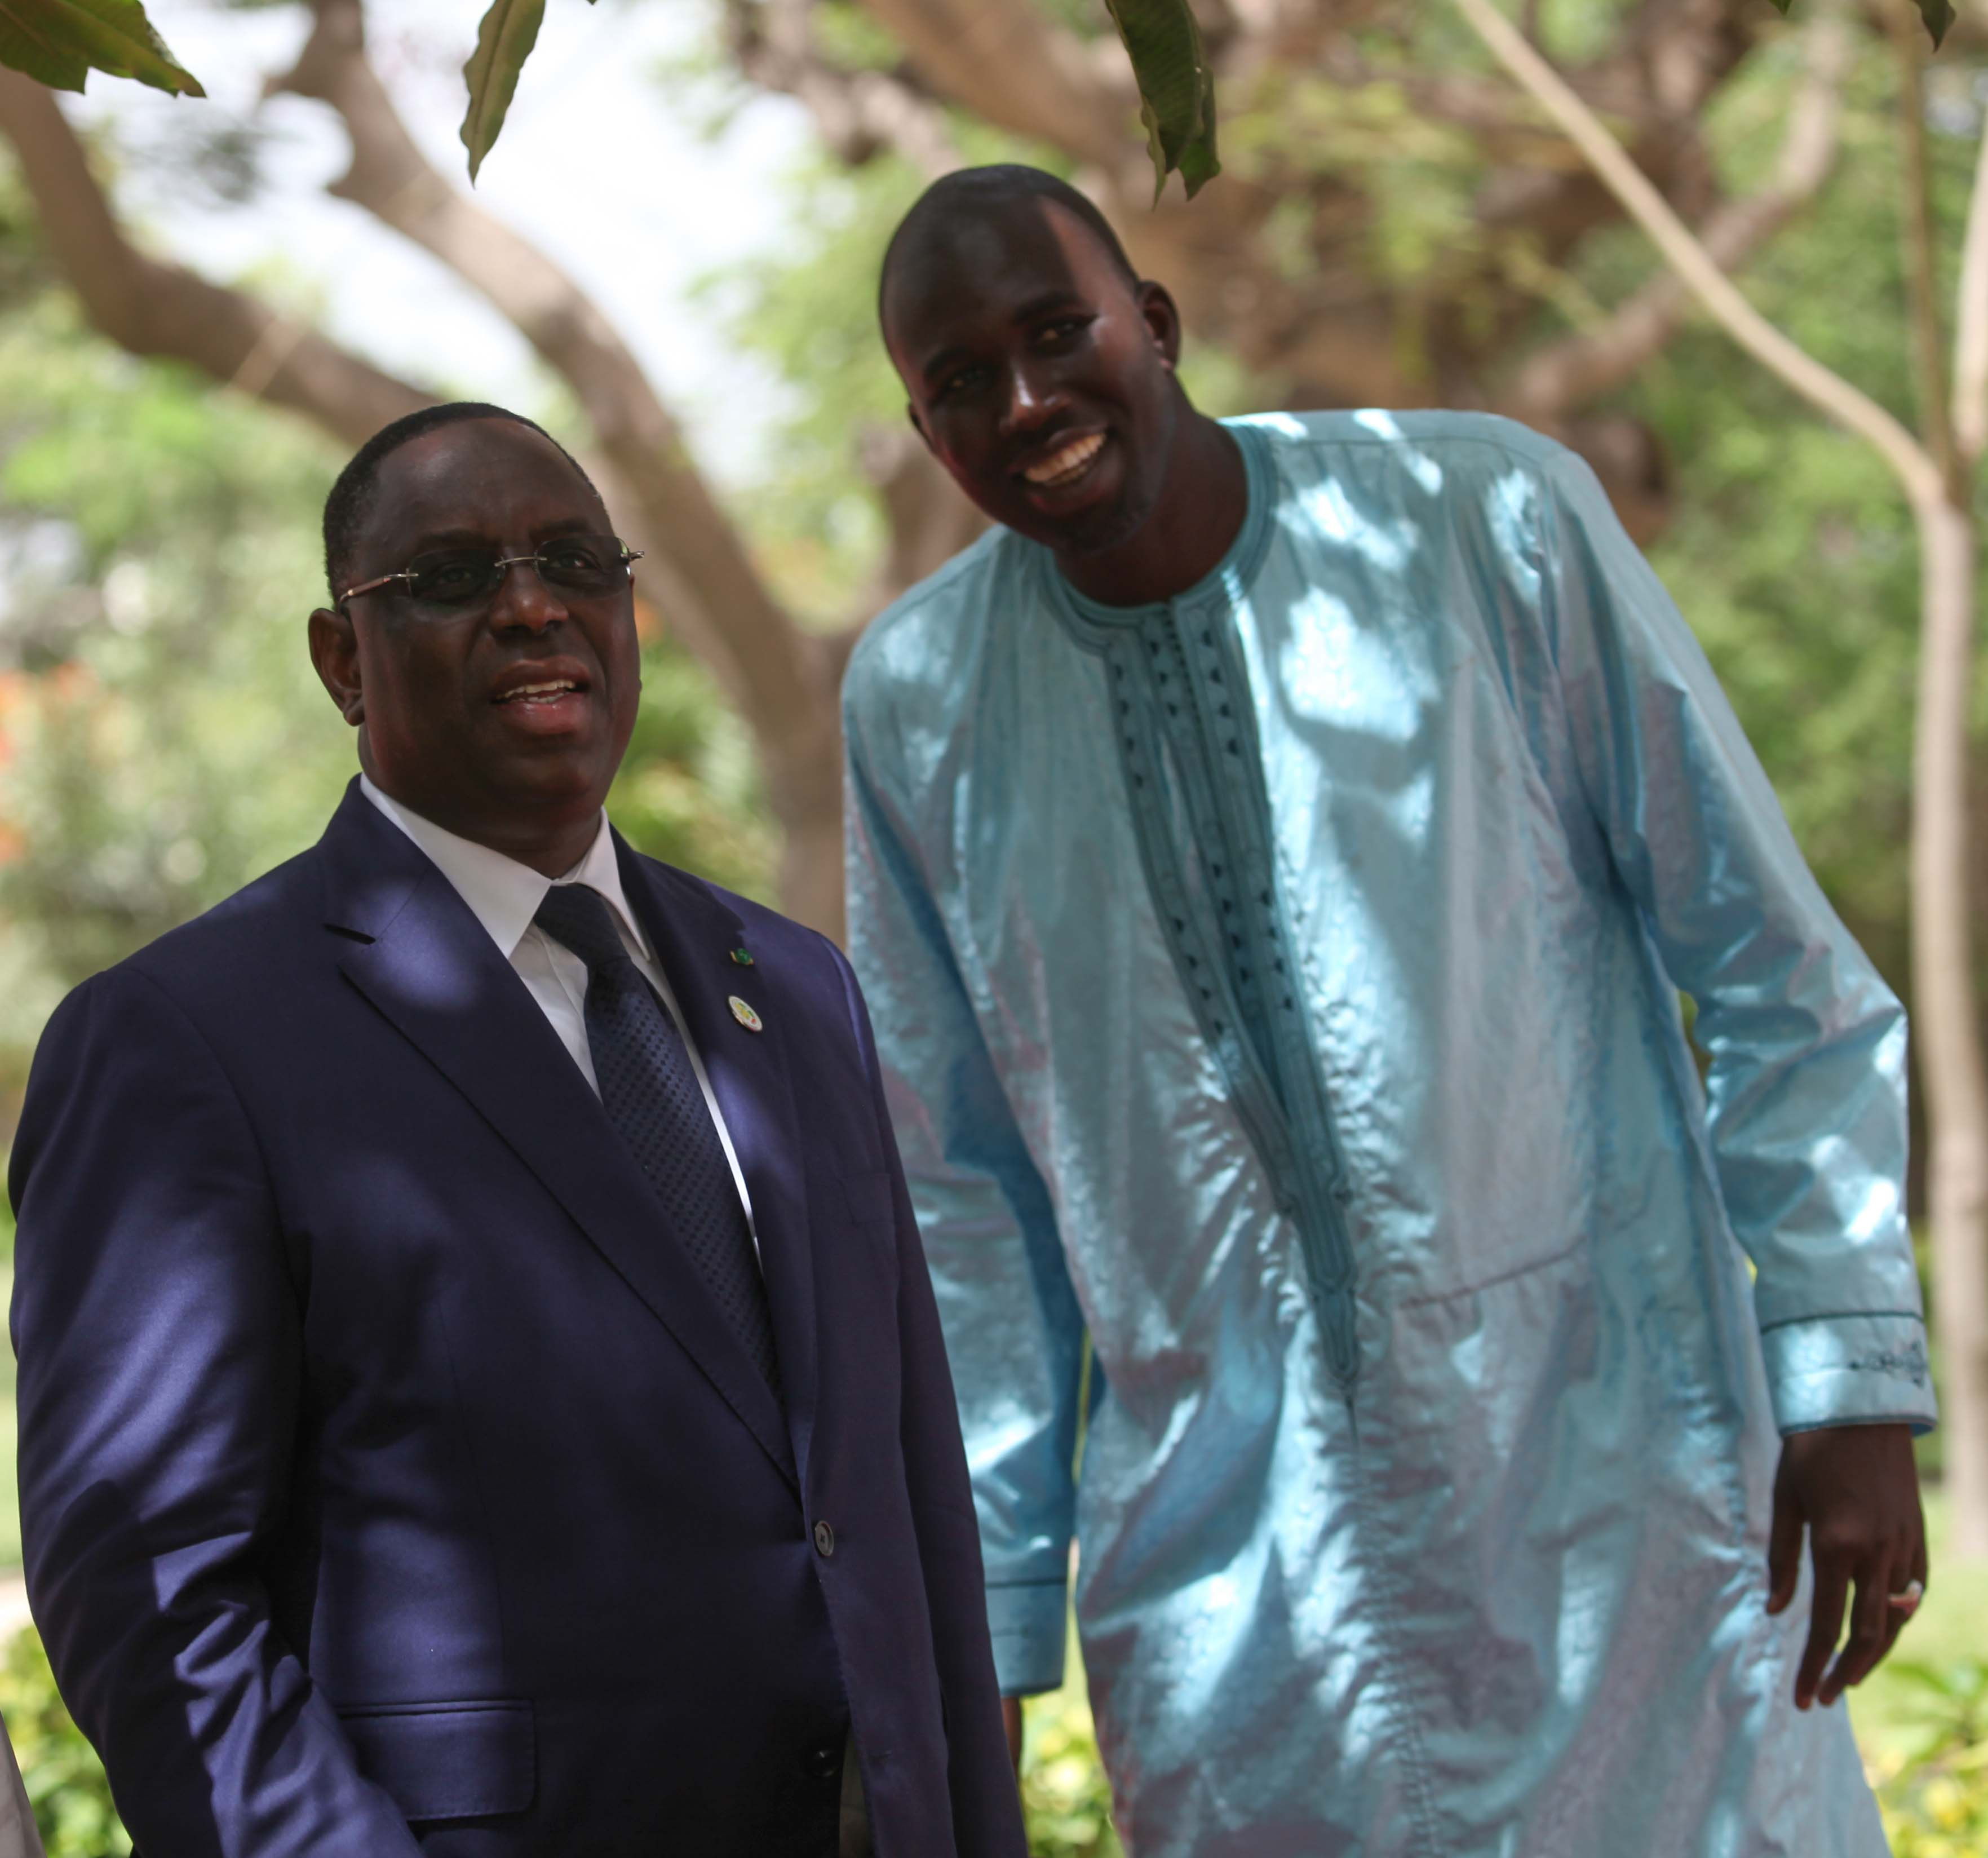 Visite du Chef de l'Etat à Touba : Ndongo Ndiaye exhorte ses camarades à ne pas vouloir en faire de la récupération politique